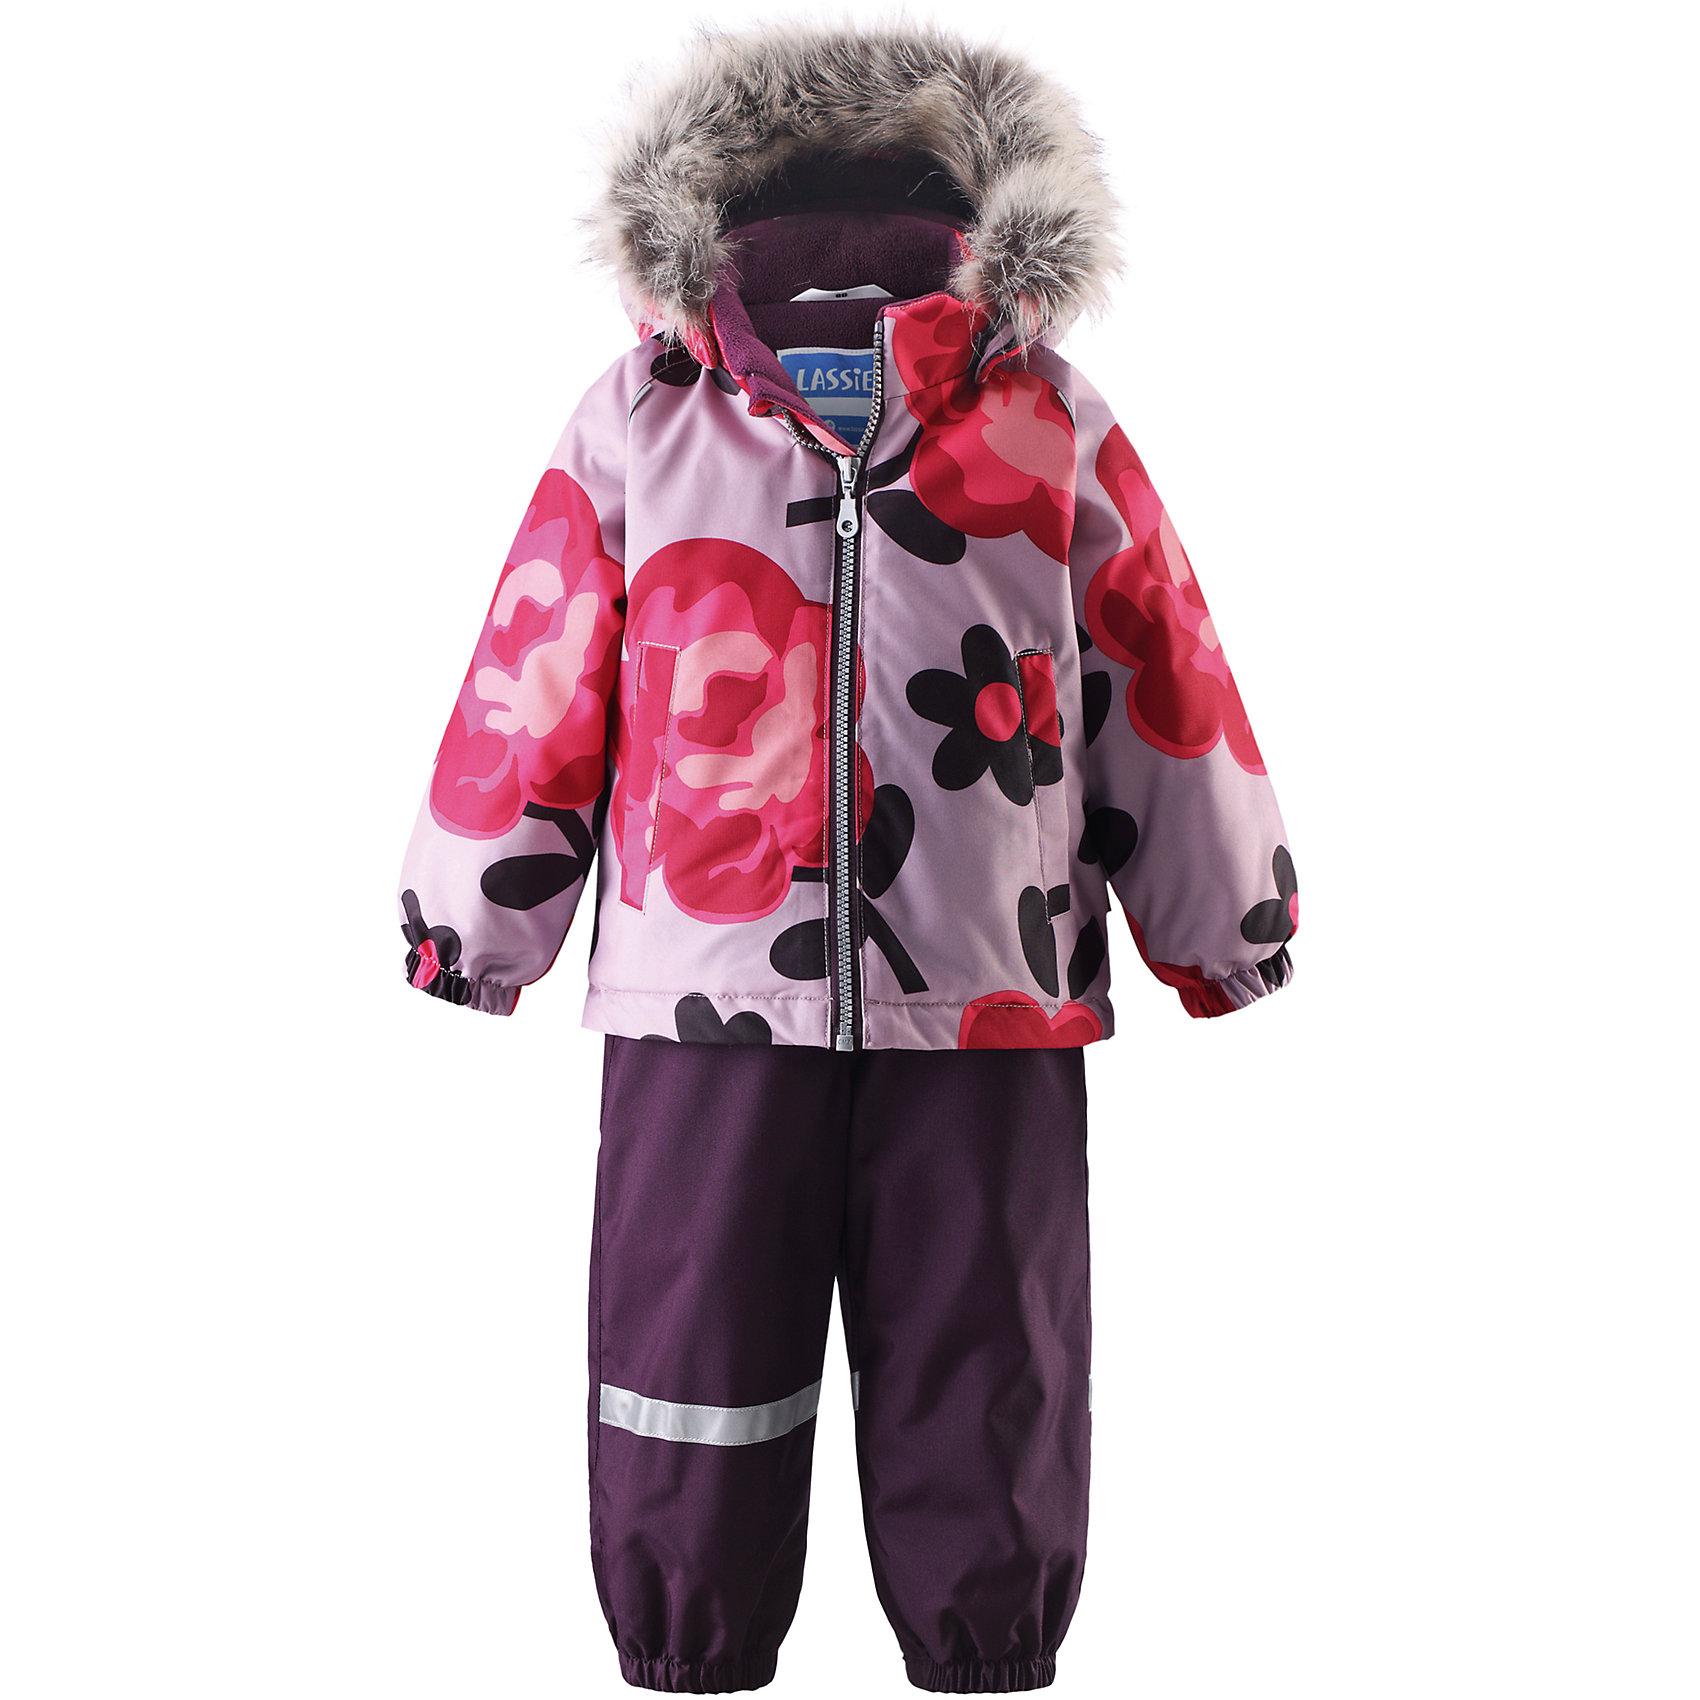 Комплект для девочки LASSIEВерхняя одежда<br>Зимний комбинезон для малышей известной финской марки.<br><br>- Прочный материал. Водоотталкивающий, ветронепроницаемый, «дышащий» и грязеотталкивающий материал.<br>- Задний серединный шов брюк проклеен. <br>- Мягкая теплая подкладка из флиса. <br>- Гладкая подкладка из полиэстра.<br>-  Безопасный съемный капюшон с отсоединяемой меховой каймой из искусственного меха. <br>- Эластичные манжеты. Эластичная талия.<br>-  Регулируемый подол. Эластичные штанины. <br>- Съемные эластичные штрипки. Два прорезных кармана. <br>- Регулируемые эластичные подтяжки.<br>-  Принт по всей поверхности. <br><br>Рекомендации по уходу: Стирать по отдельности, вывернув наизнанку. Перед стиркой отстегните искусственный мех. Застегнуть молнии и липучки. Соблюдать температуру в соответствии с руководством по уходу. Стирать моющим средством, не содержащим отбеливающие вещества. Полоскать без специального средства. Сушение в сушильном шкафу разрешено при  низкой температуре.<br><br>Состав: 100% Полиамид, полиуретановое покрытие.  Утеплитель «Lassie wadding» 140гр.(брюки); 180гр.(куртка).<br><br>Ширина мм: 190<br>Глубина мм: 74<br>Высота мм: 229<br>Вес г: 236<br>Цвет: розовый<br>Возраст от месяцев: 6<br>Возраст до месяцев: 9<br>Пол: Женский<br>Возраст: Детский<br>Размер: 74,98,80,86,92<br>SKU: 4781603